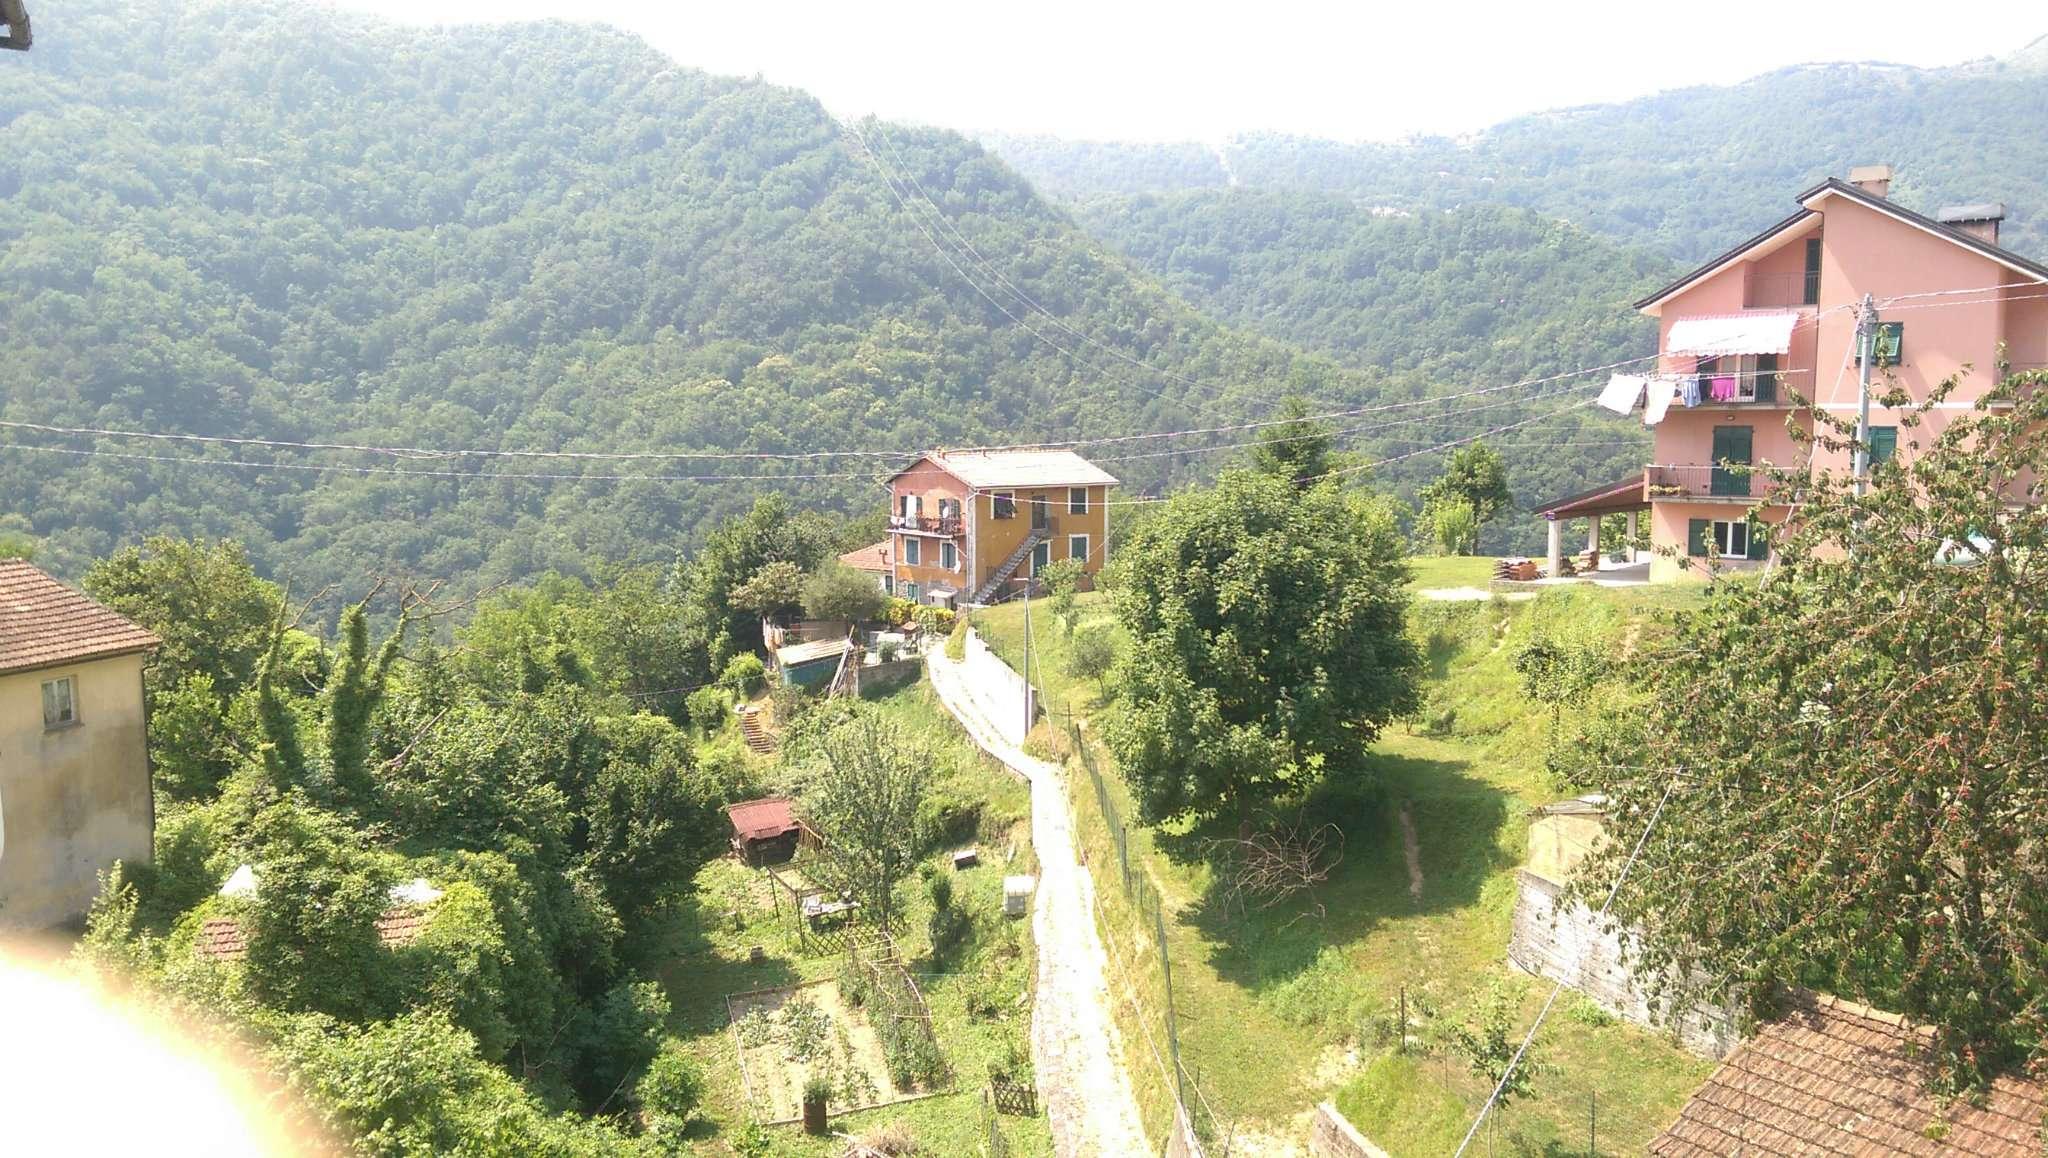 Appartamento in vendita a Bargagli, 4 locali, prezzo € 29.000 | CambioCasa.it